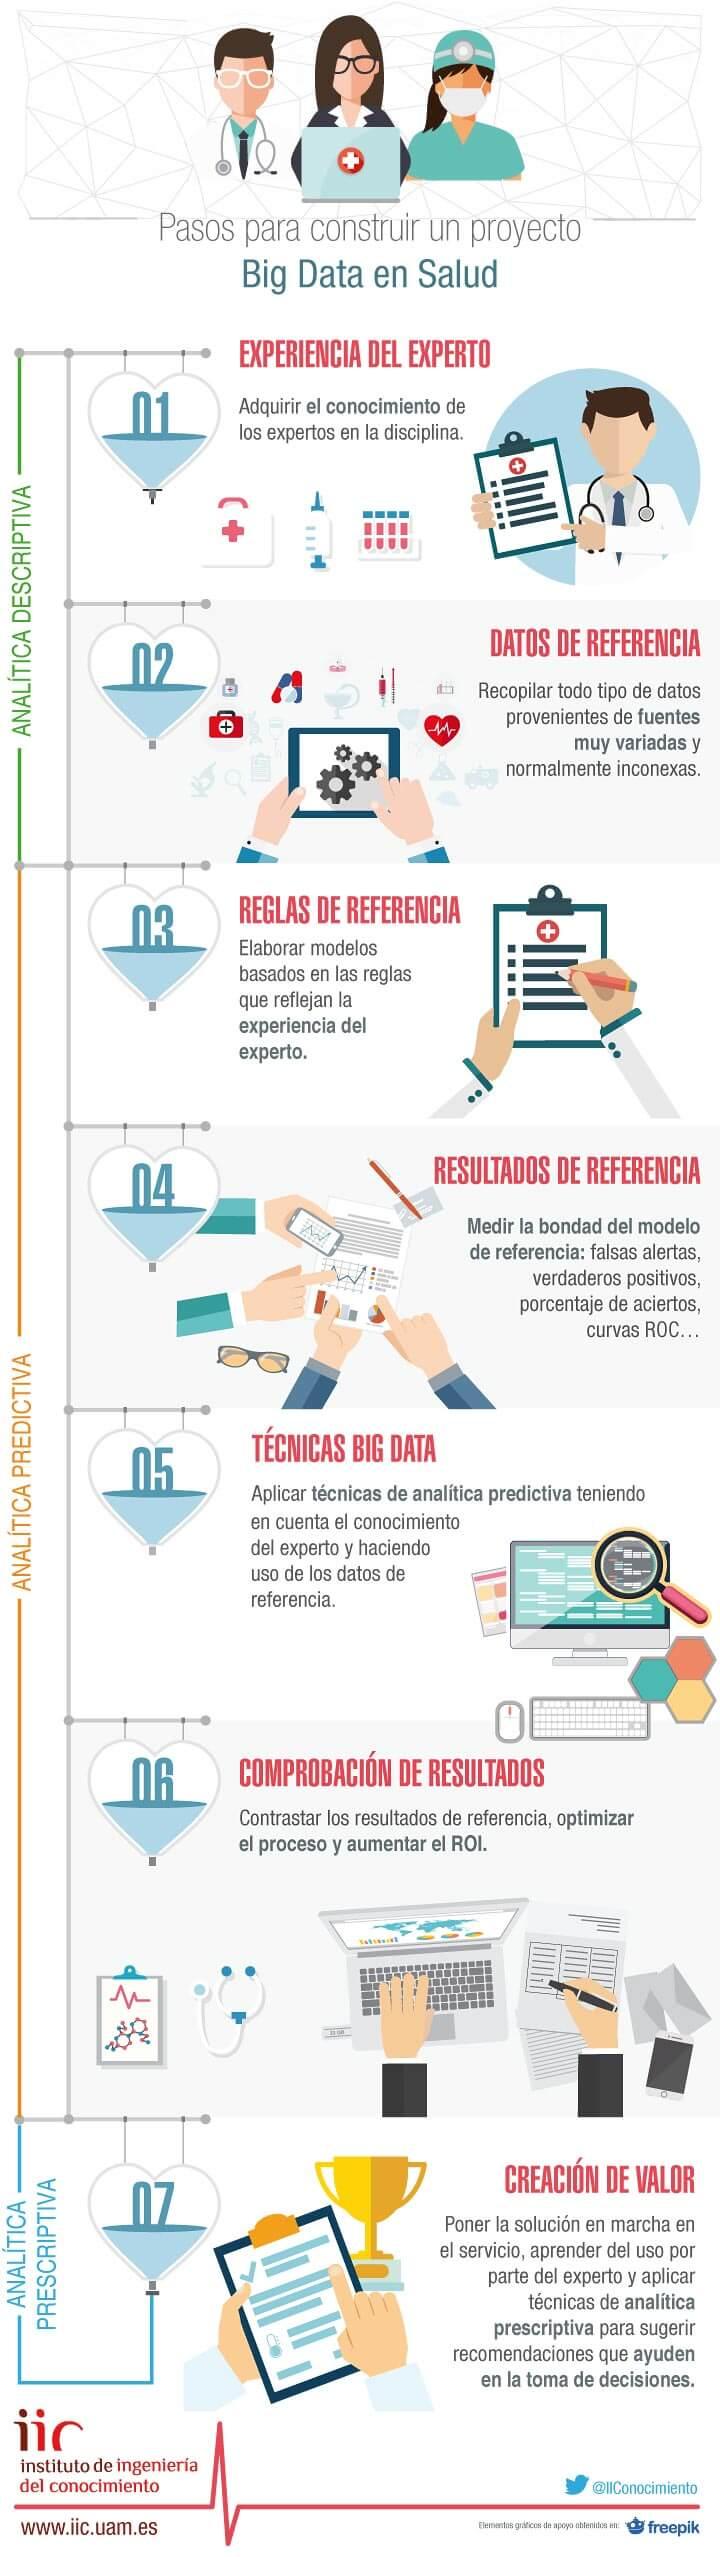 Infografía sobre health